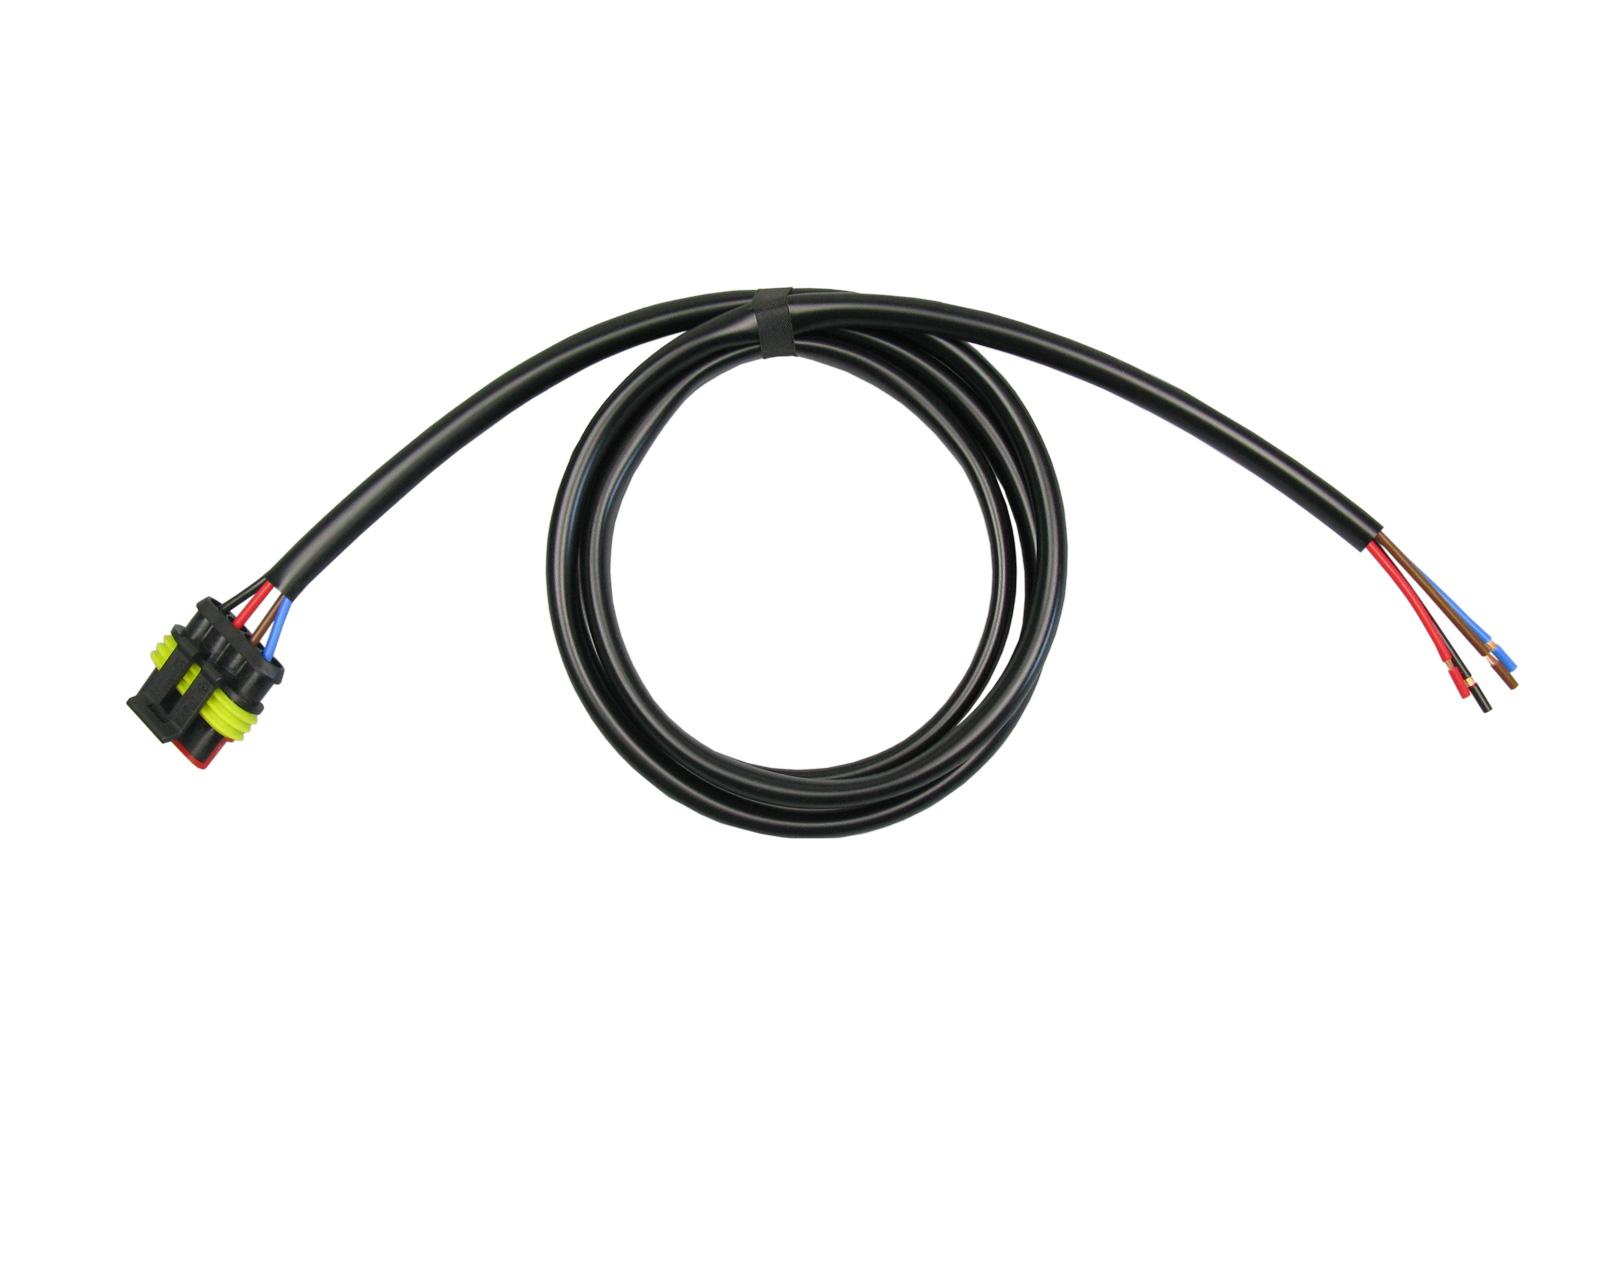 AMP Superseal Stecker Stift 5-polig 1,50² konfektioniert Kabel Elektrik KFZ LKW